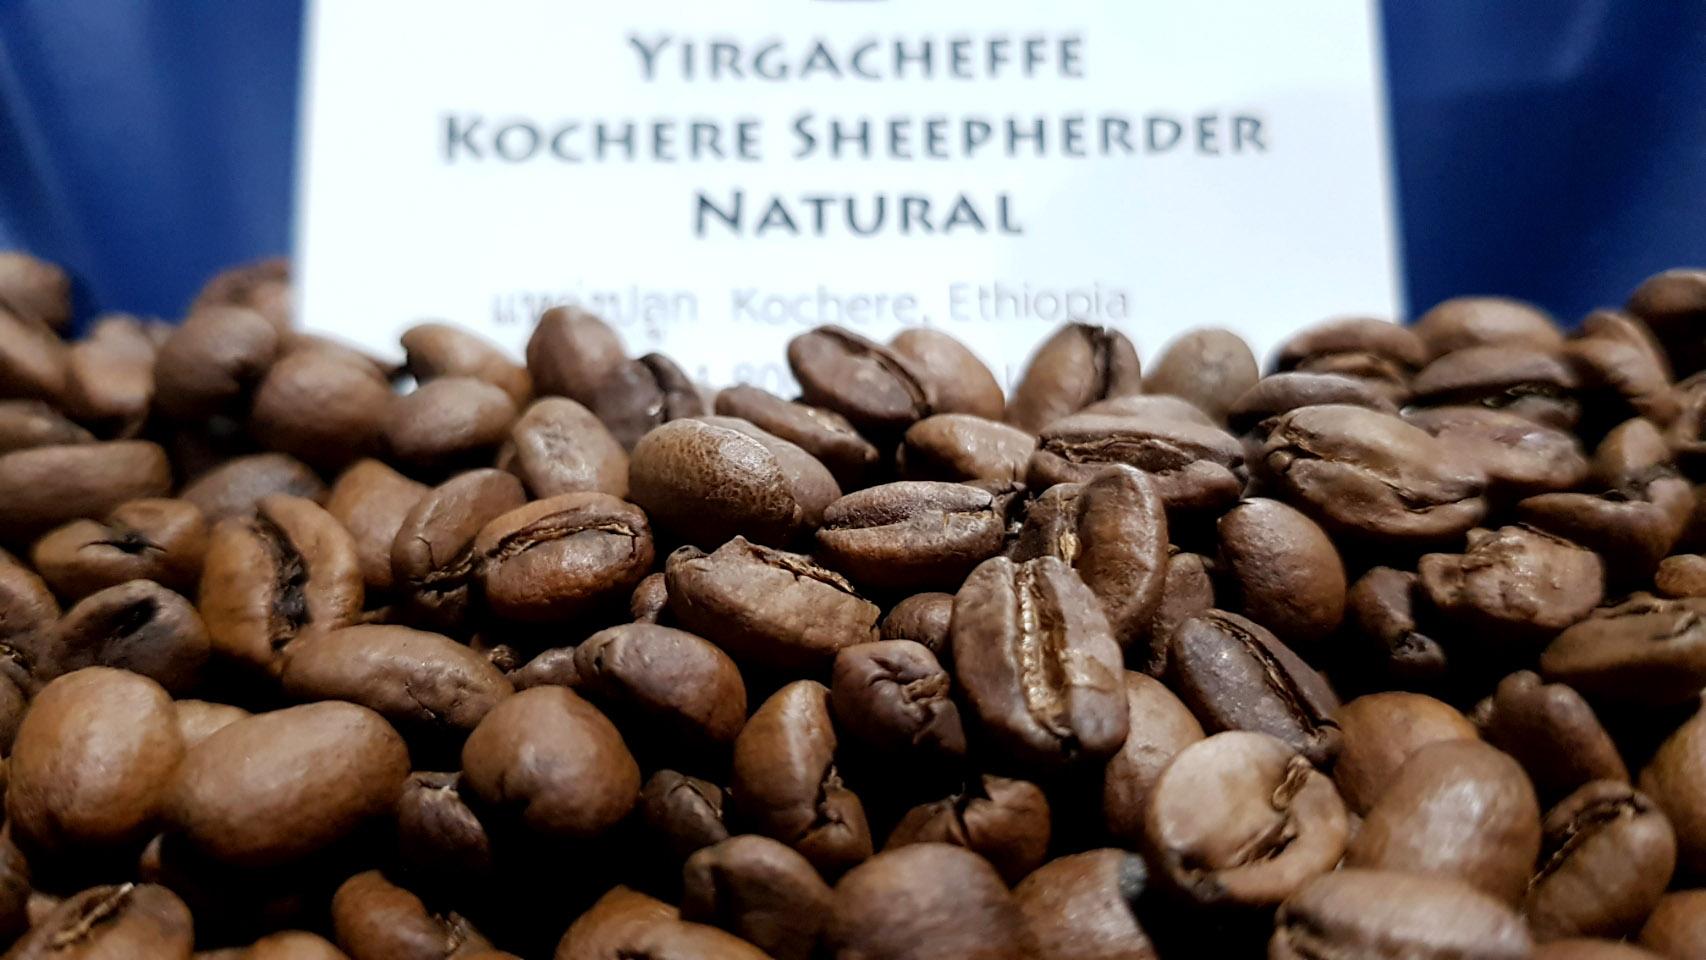 เมล็ดกาแฟเอธิโอเปีย Ethiopia Yirgacheffe Kochere Sheepherder Natural